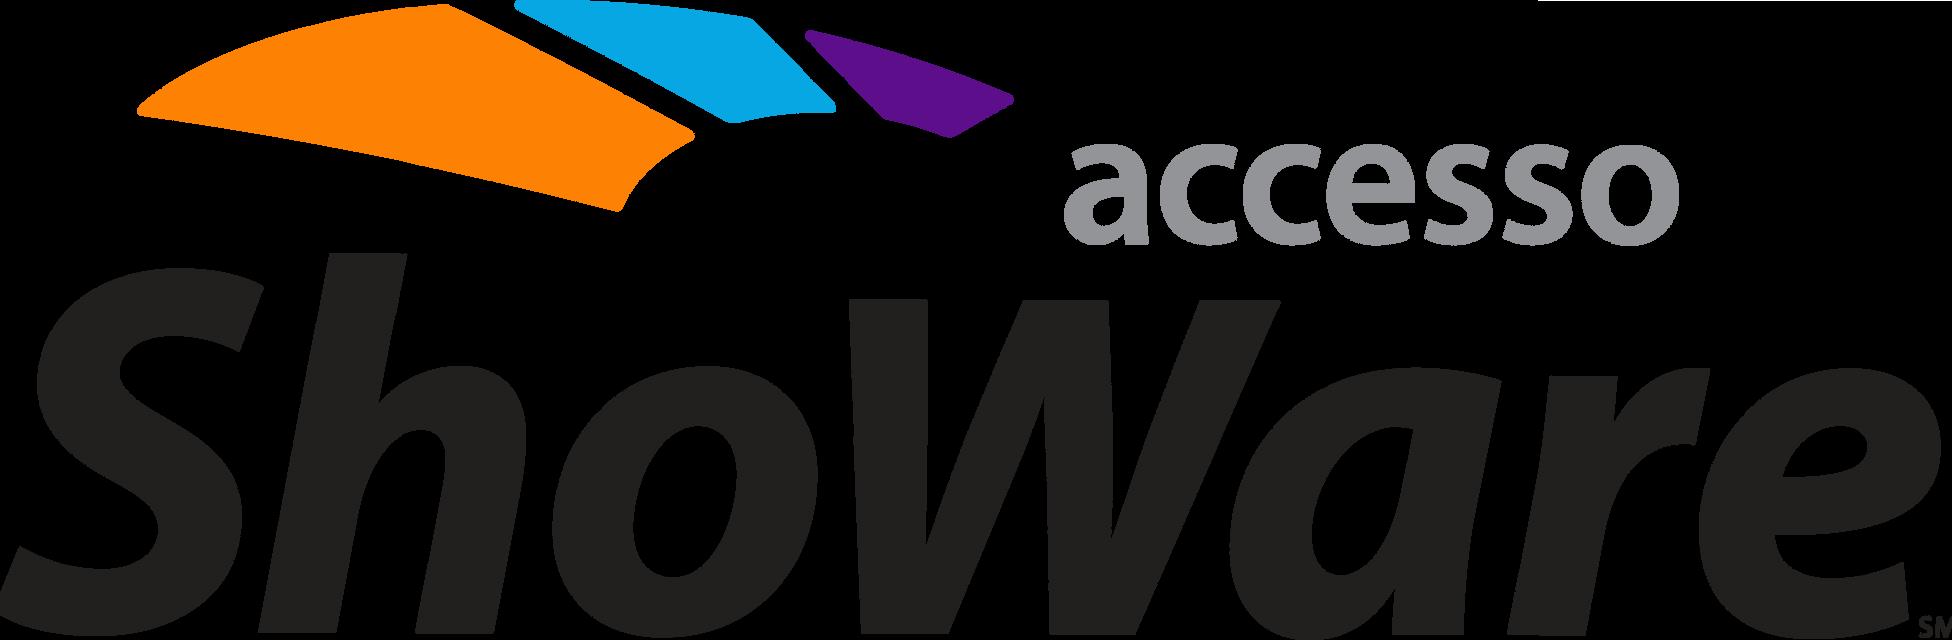 Accesso Showare Logo